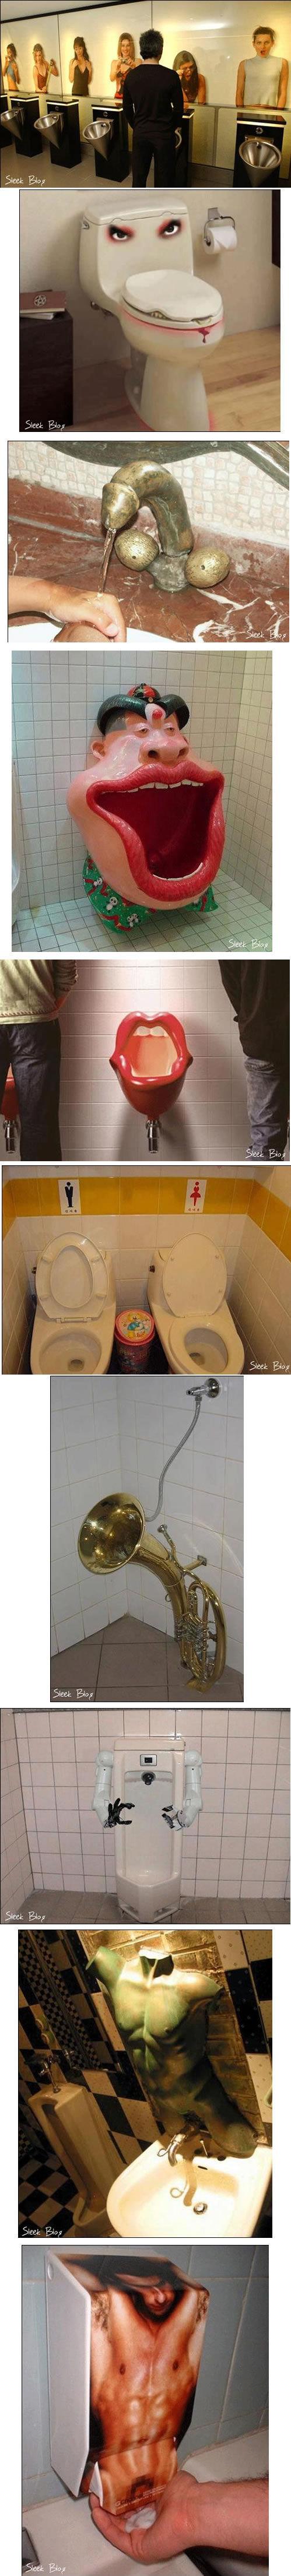 toilet humour. .